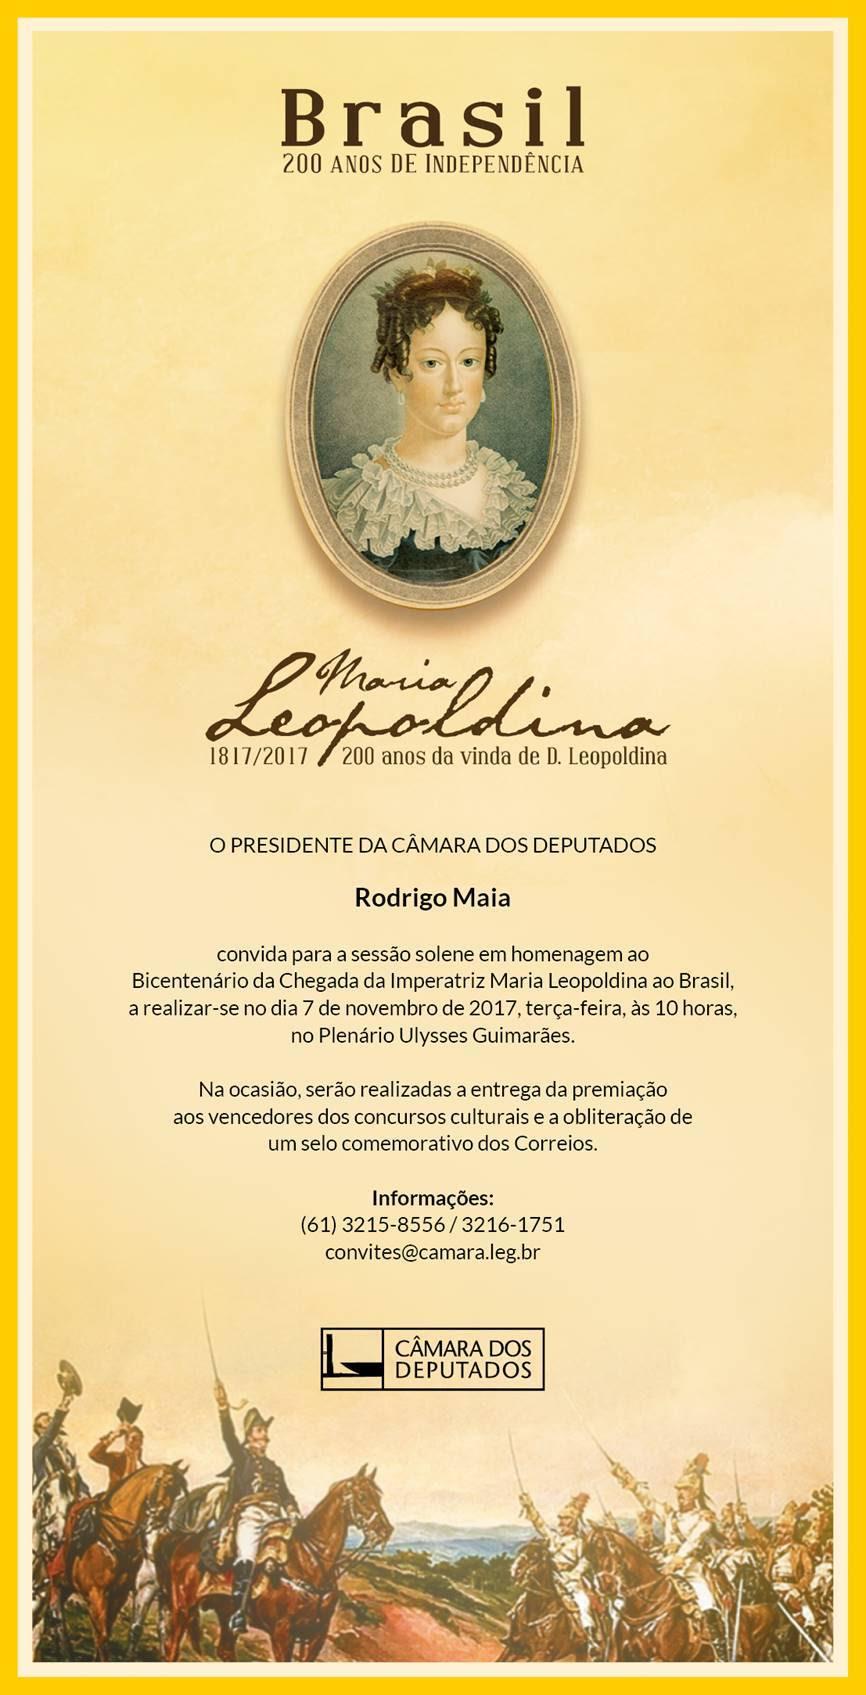 Convite da Câmara dos Deputados para a sessão solene em homenagem aos 200 da chegada de D. Maria Leopoldina ao Brasil.